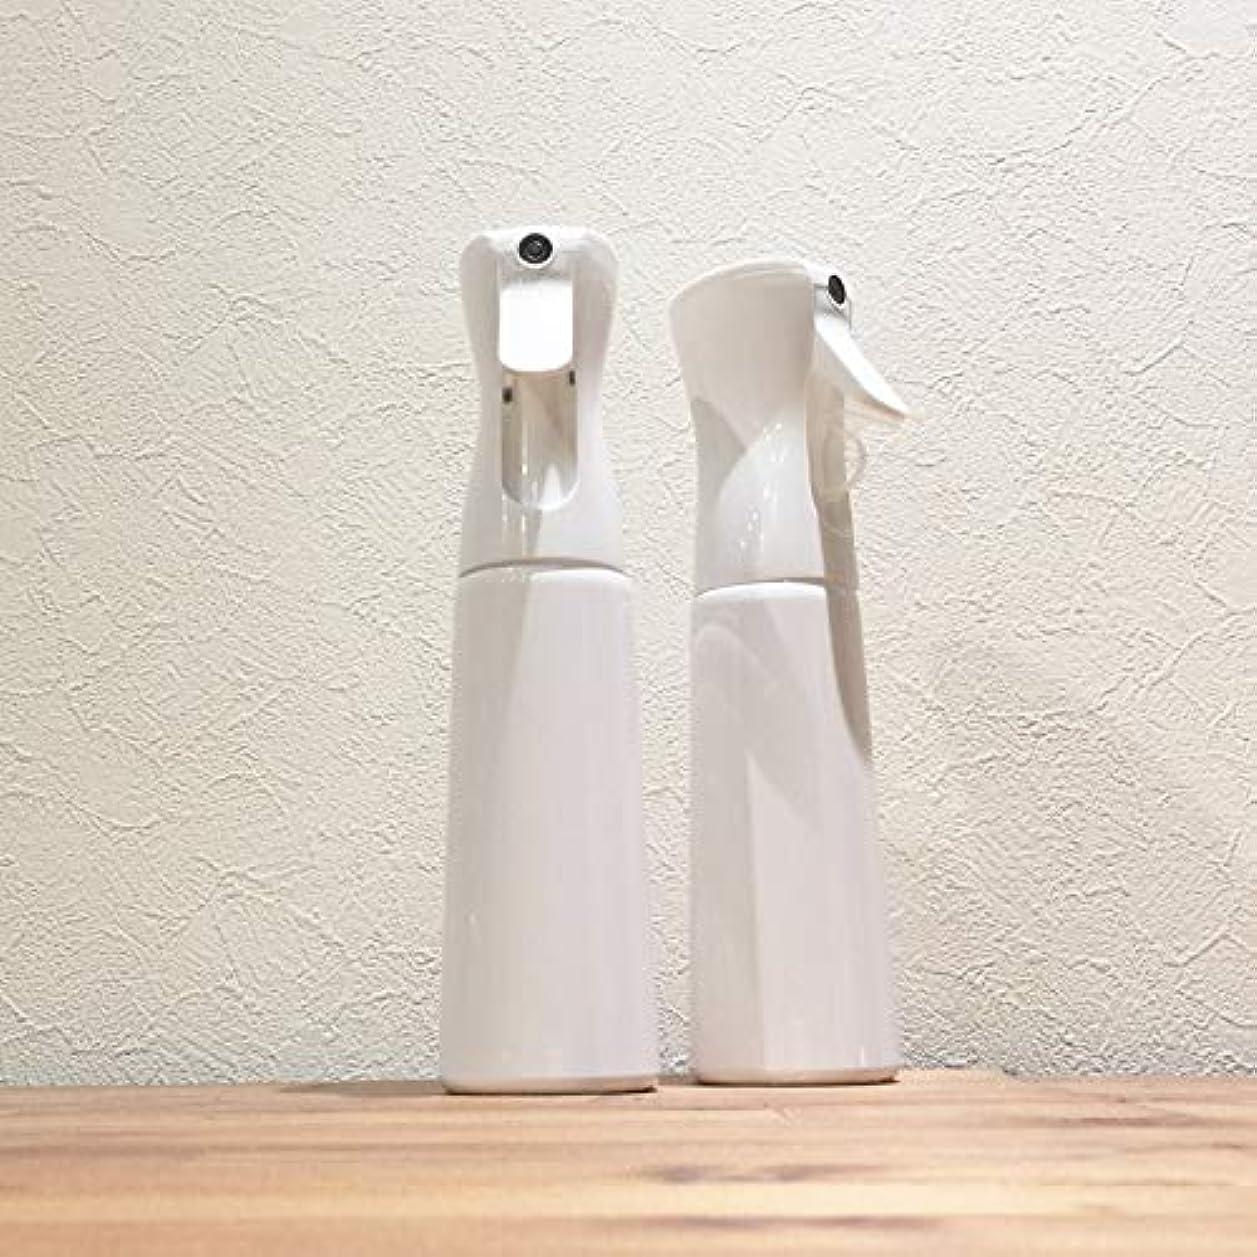 キャロライン粉砕する咳<4個セット>FLAIROSOL(白×白)タイプ 350ml (350ml 4本セット売り)